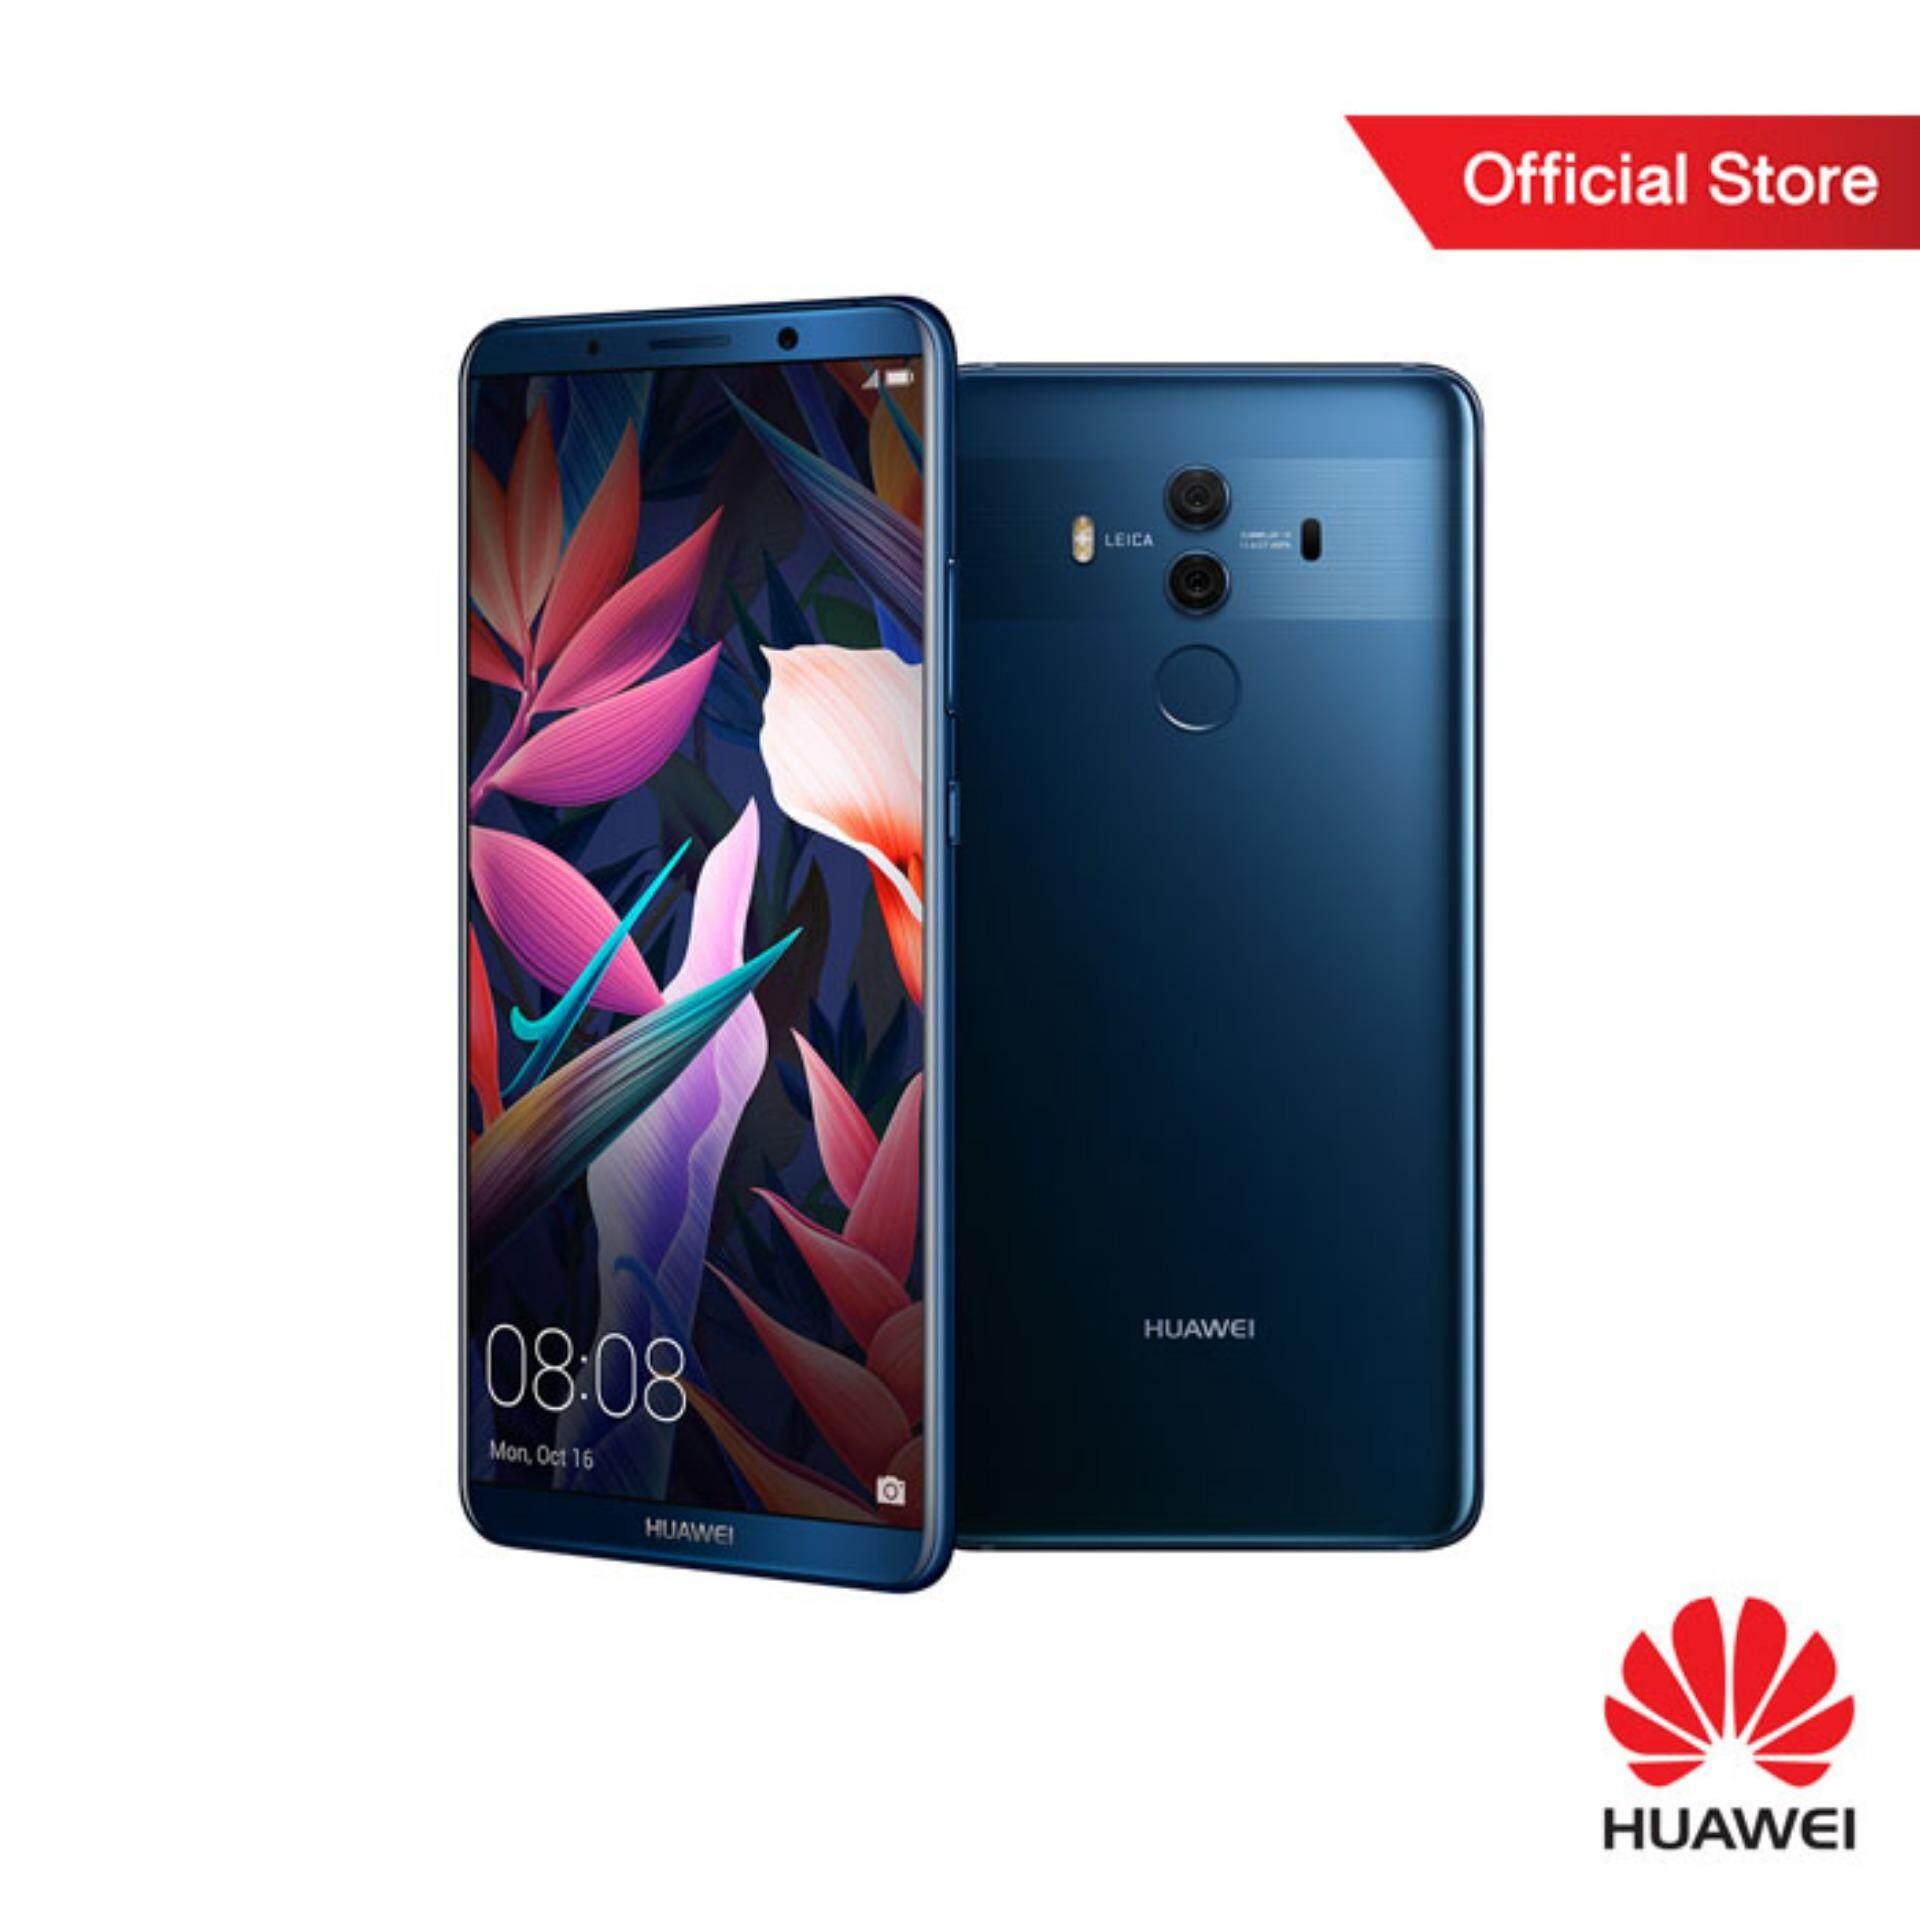 โปรโมชั่น Huawei Mate 10 Pro Midnight Blue Usb Type C ถูก